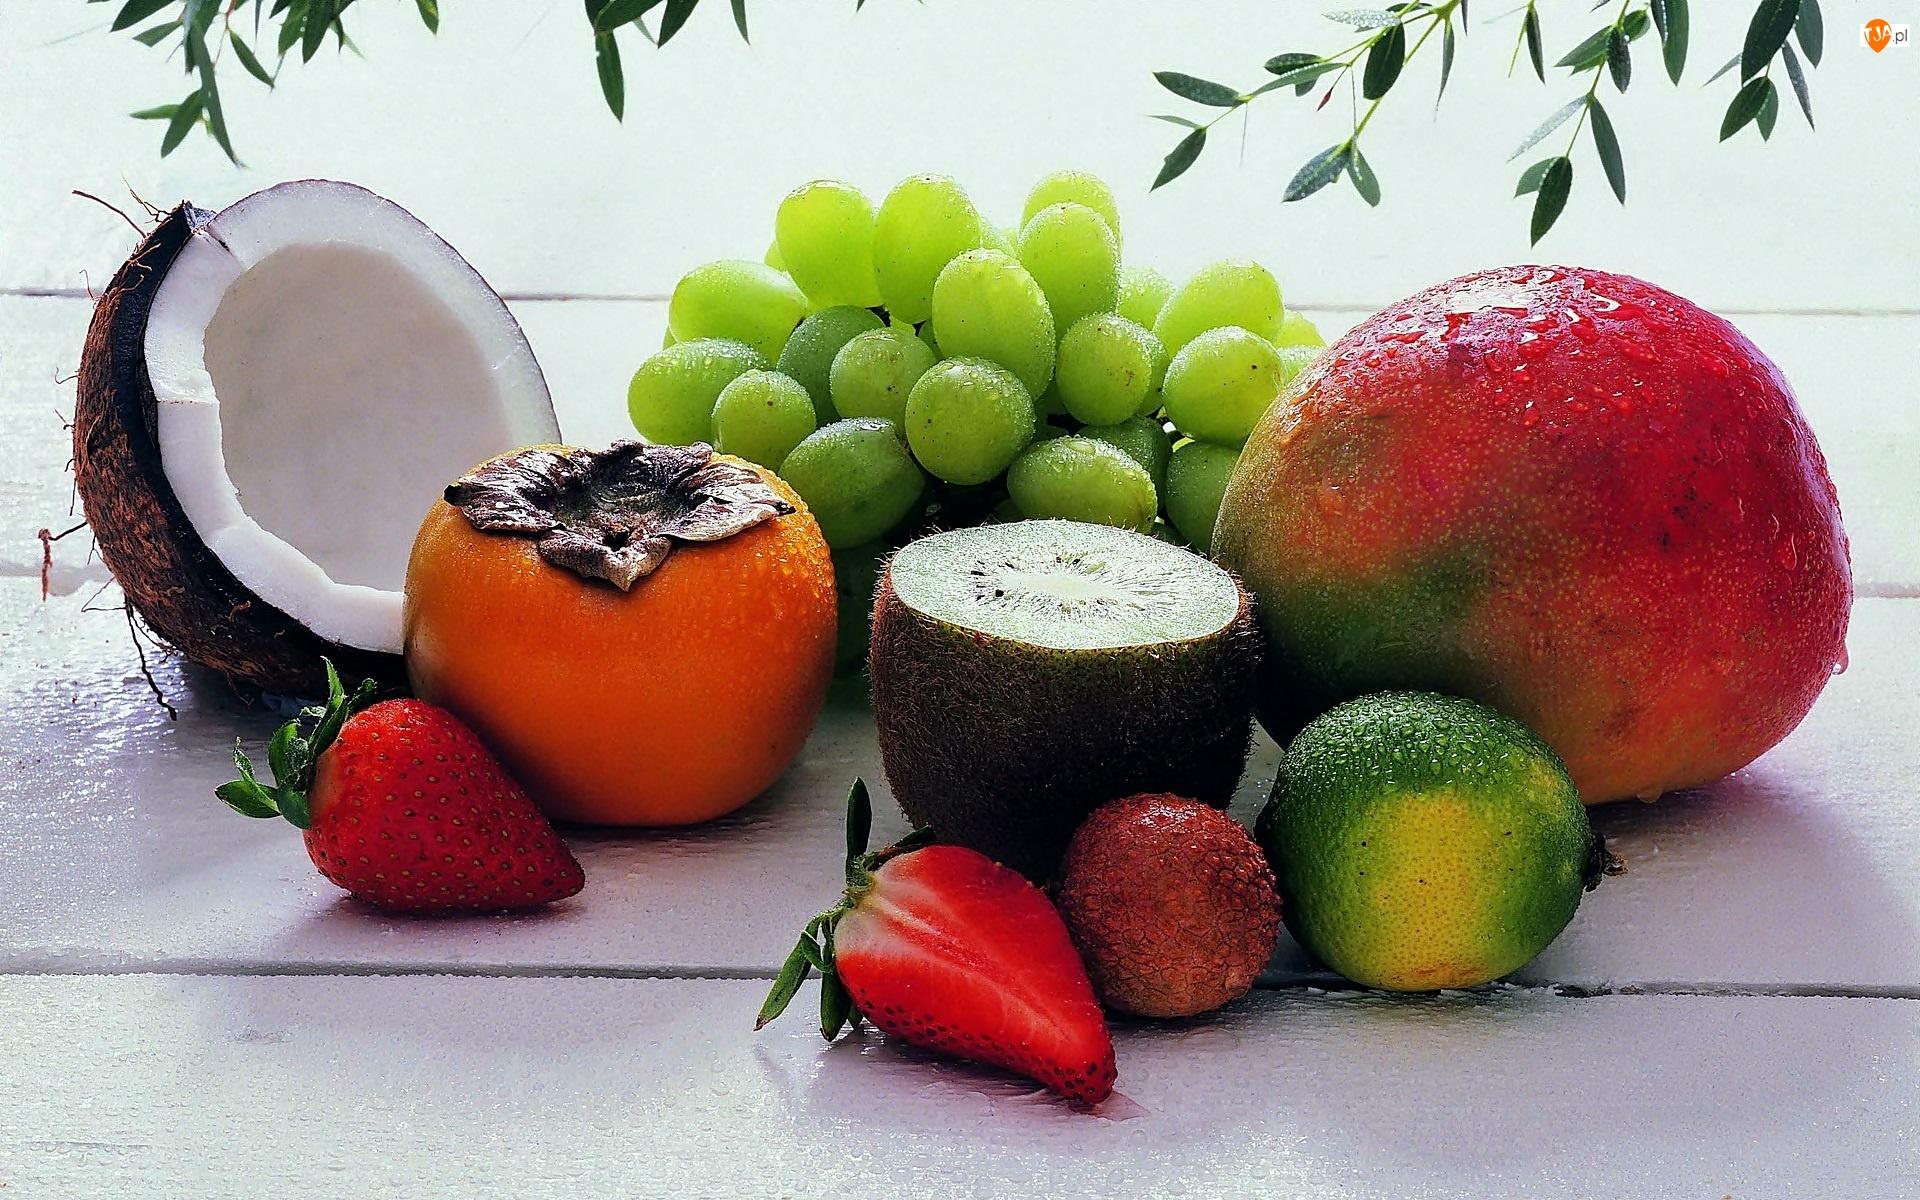 Owoce, Wody, Egzotyczne, Kropelki